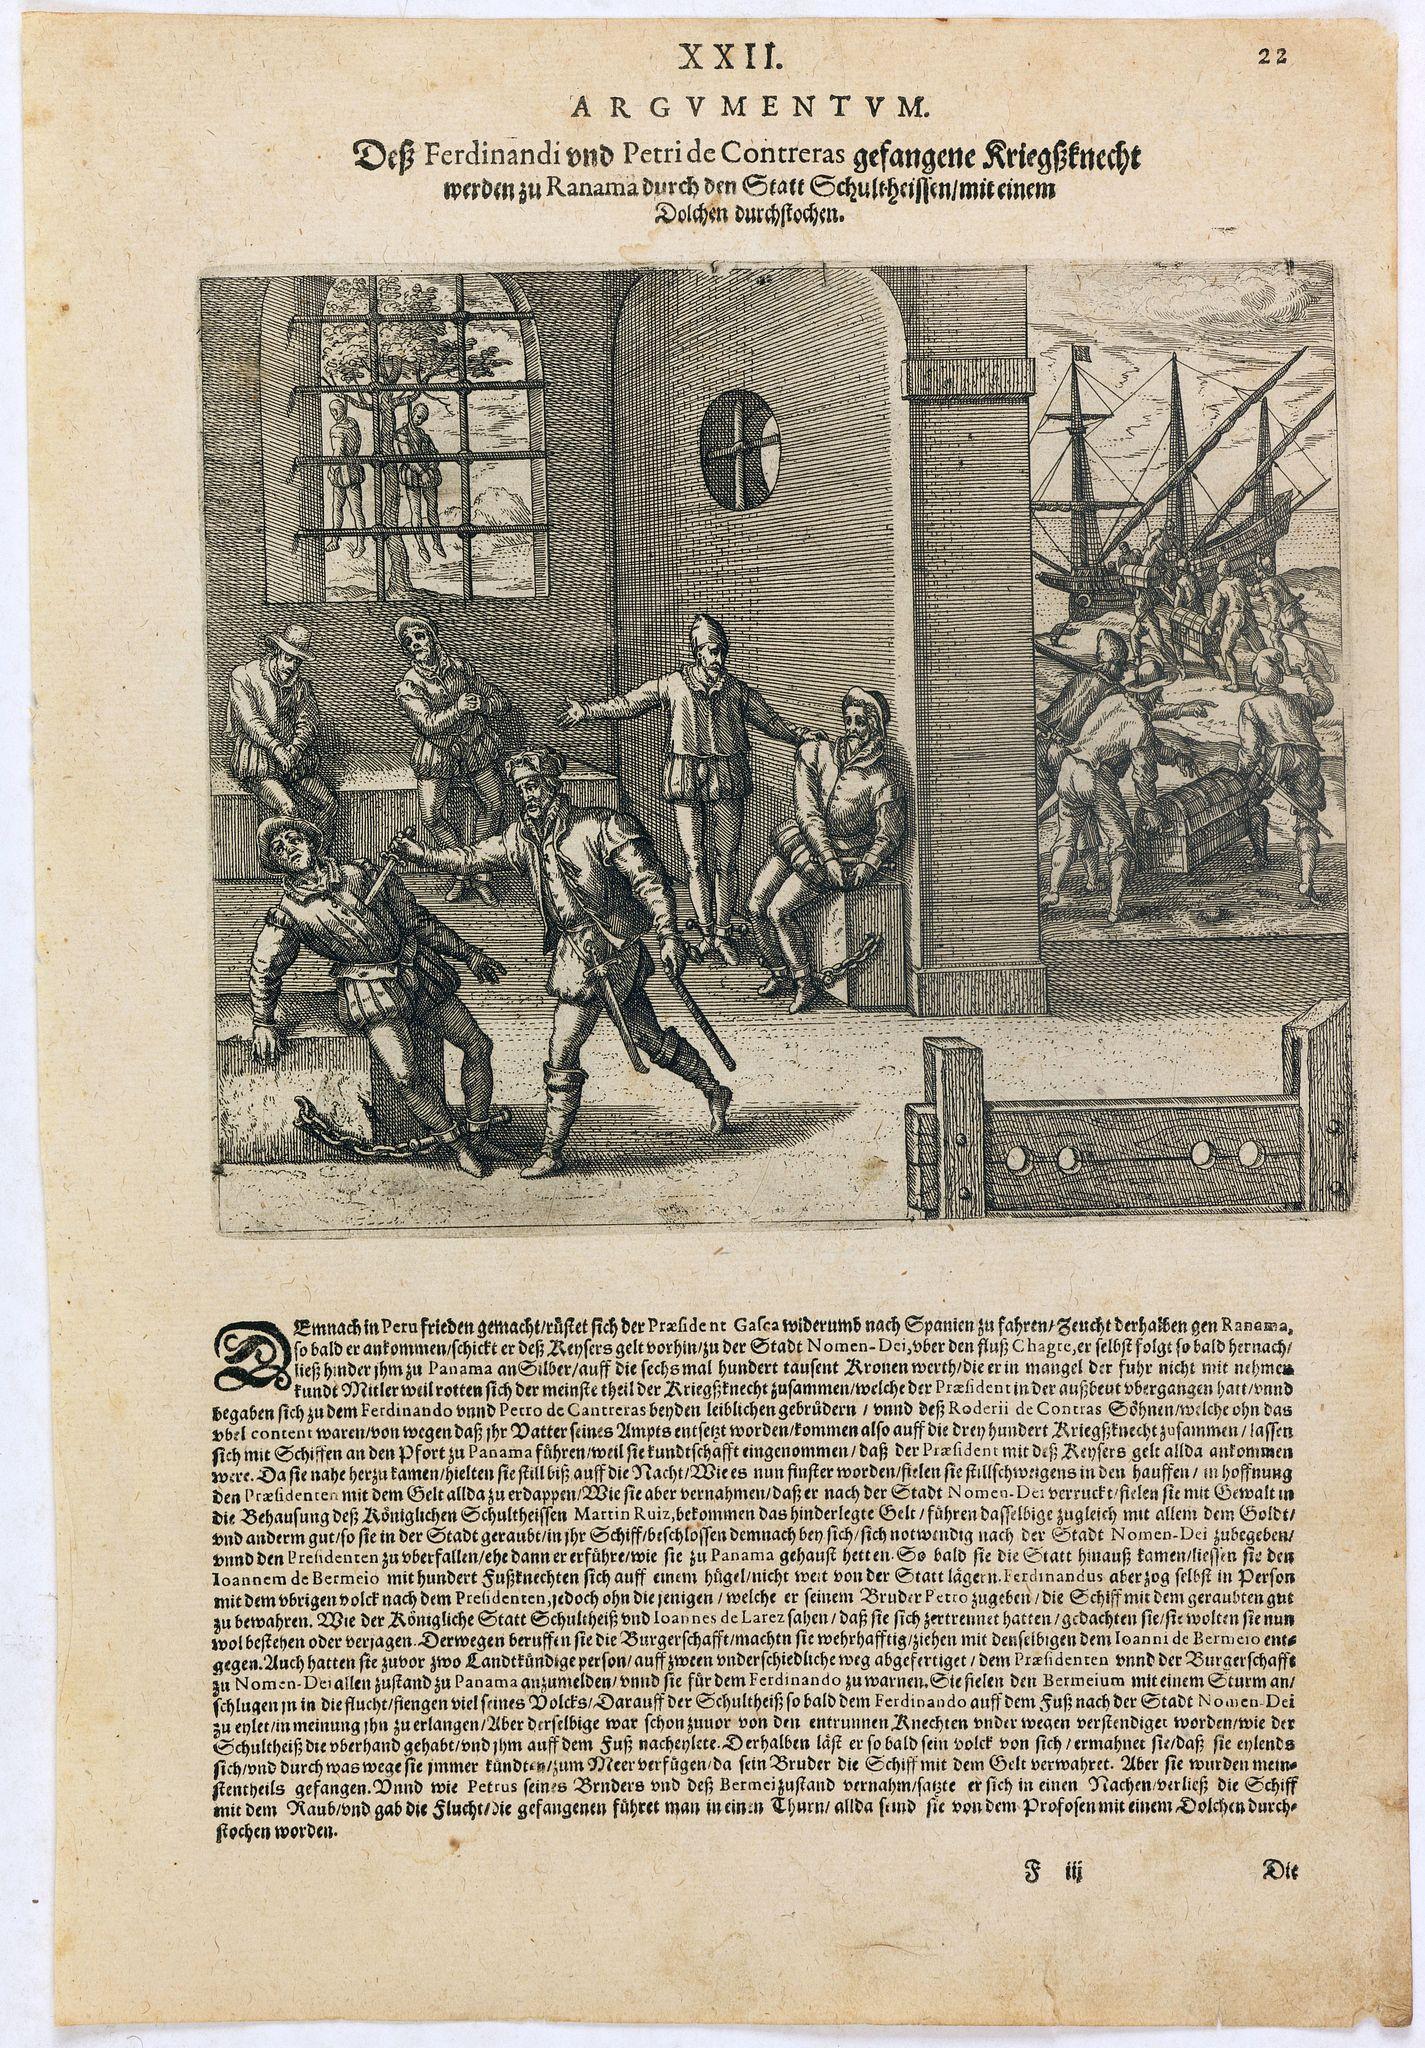 DE BRY, Th. -  Dess Ferdinandi und Petri de Contreras, gefangene Kriegssknecht werden zu Ranama [sic] durch den Statt Schultheissen mit einem Dolchen durchstochen.